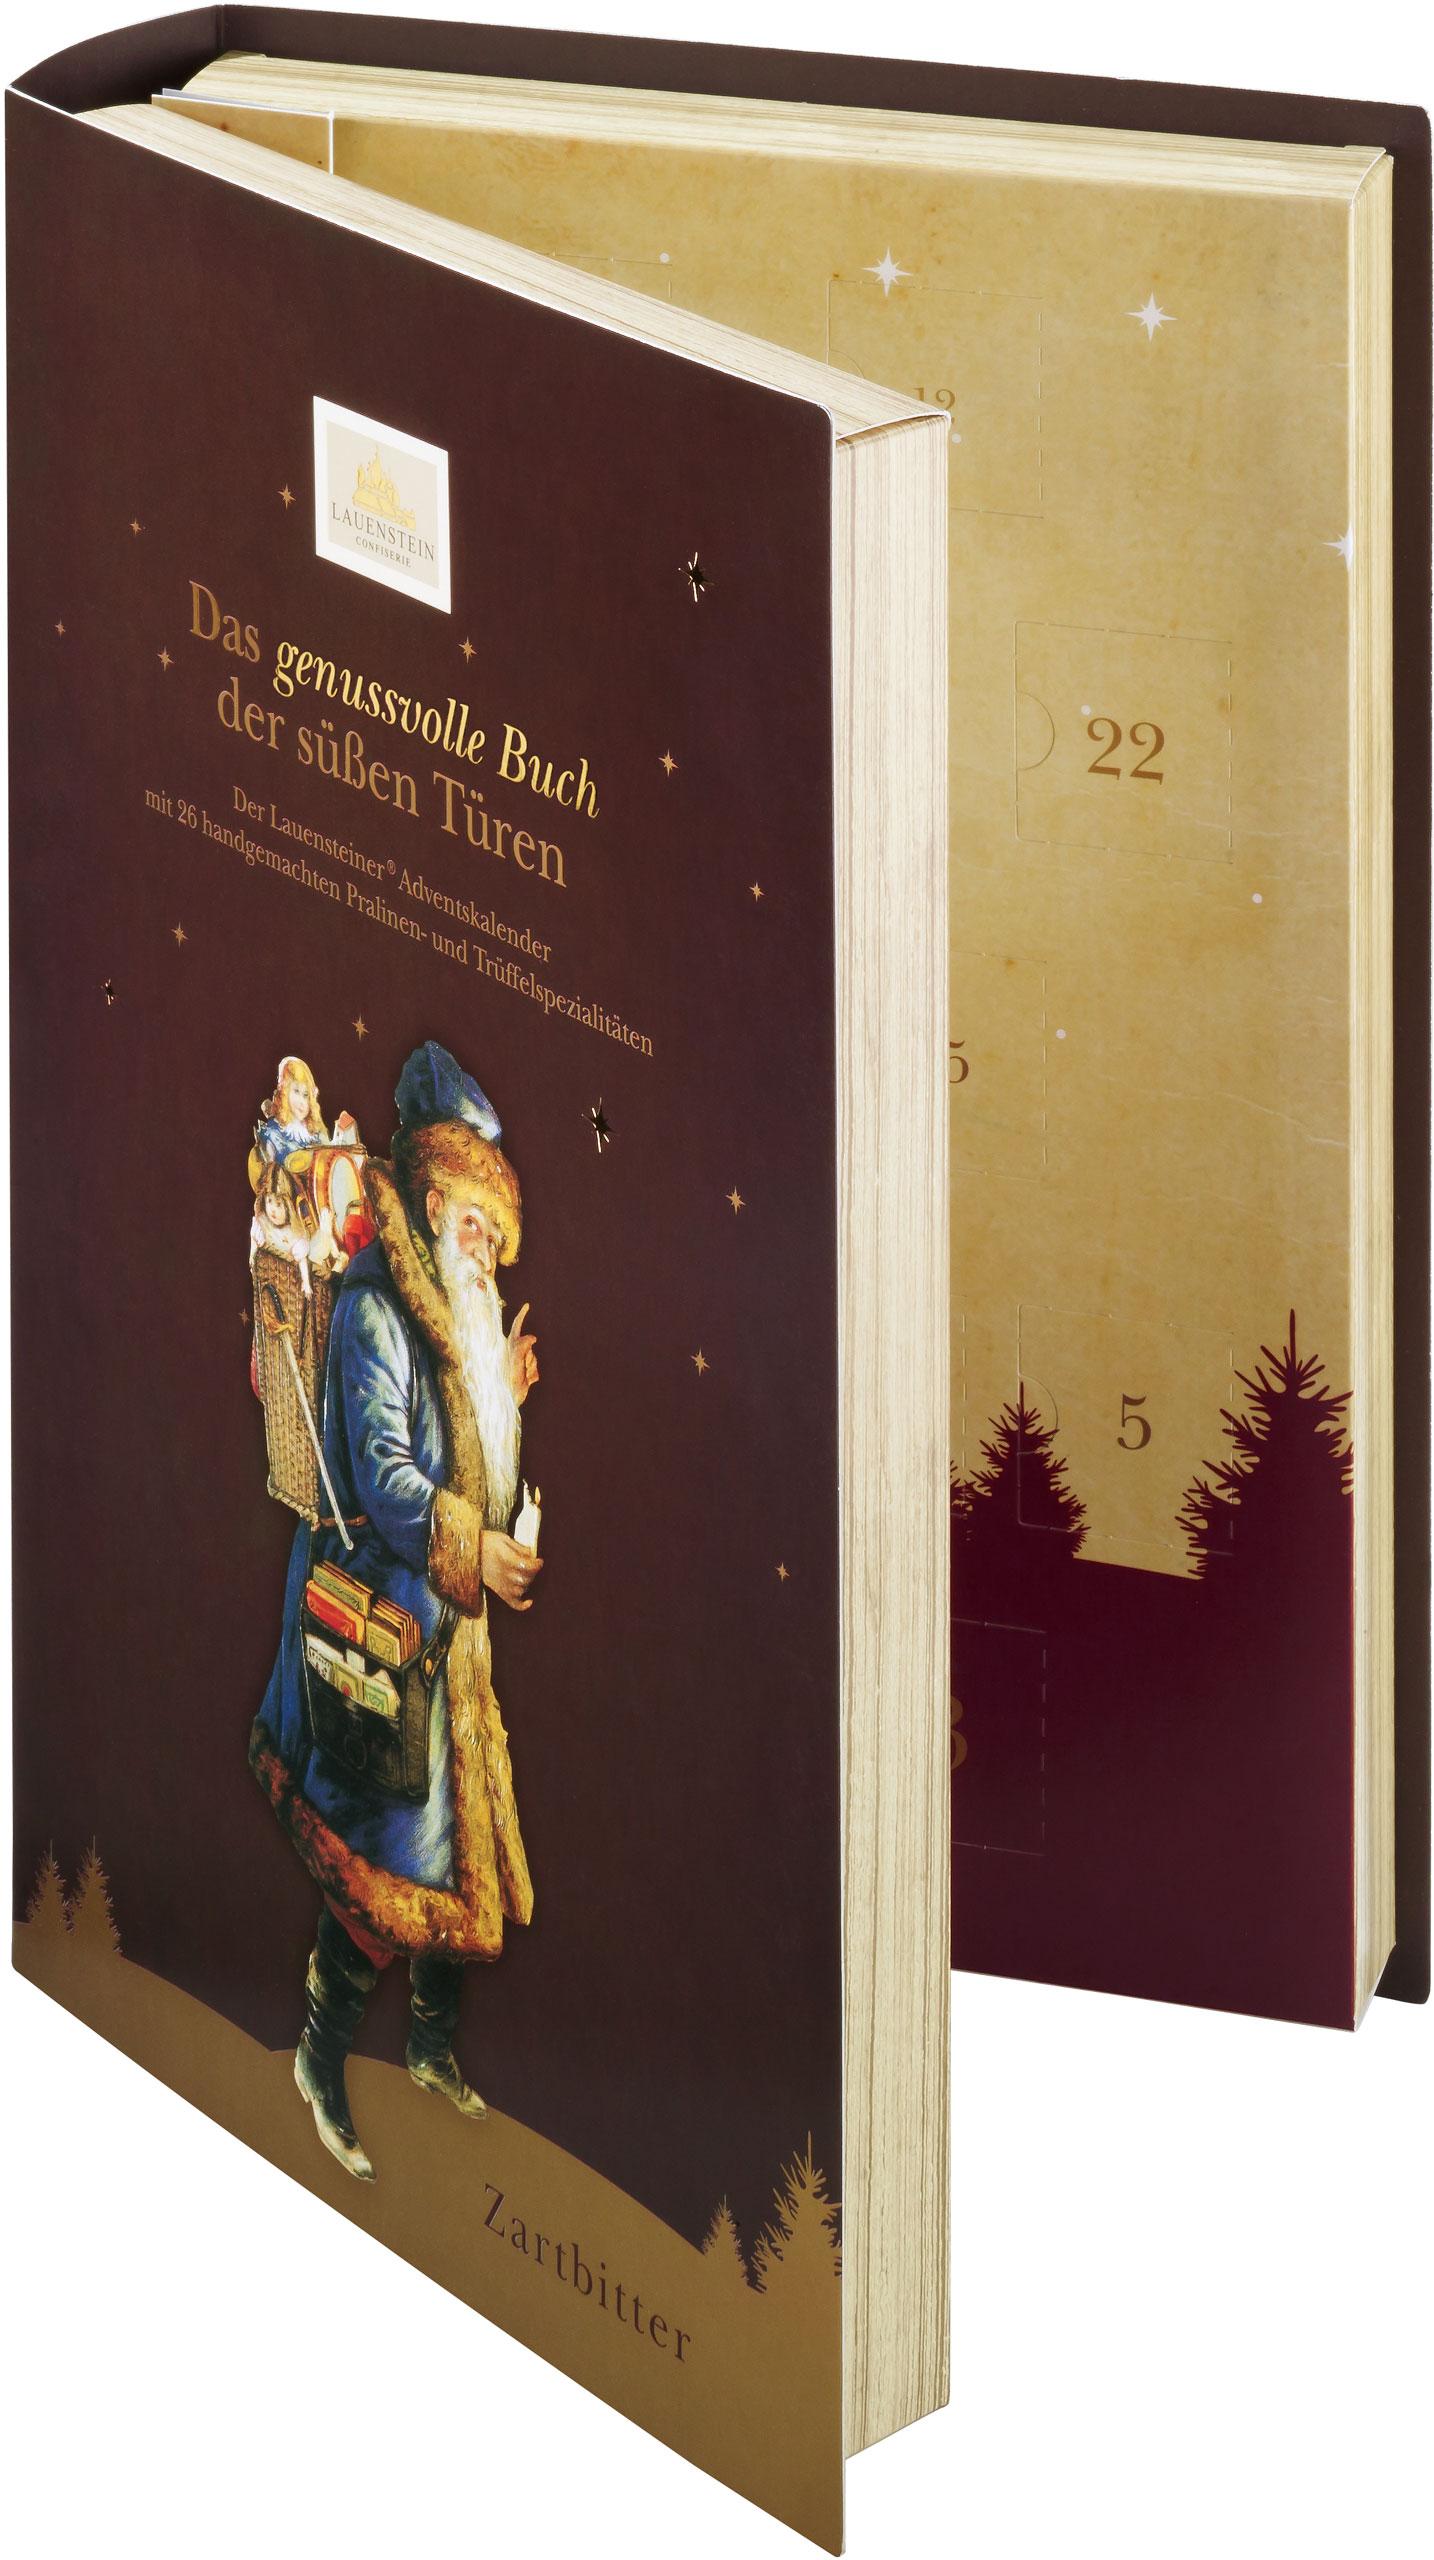 Lauenstein Adventskalender Buch Edelherbe Trüffel und Pralinen 340g